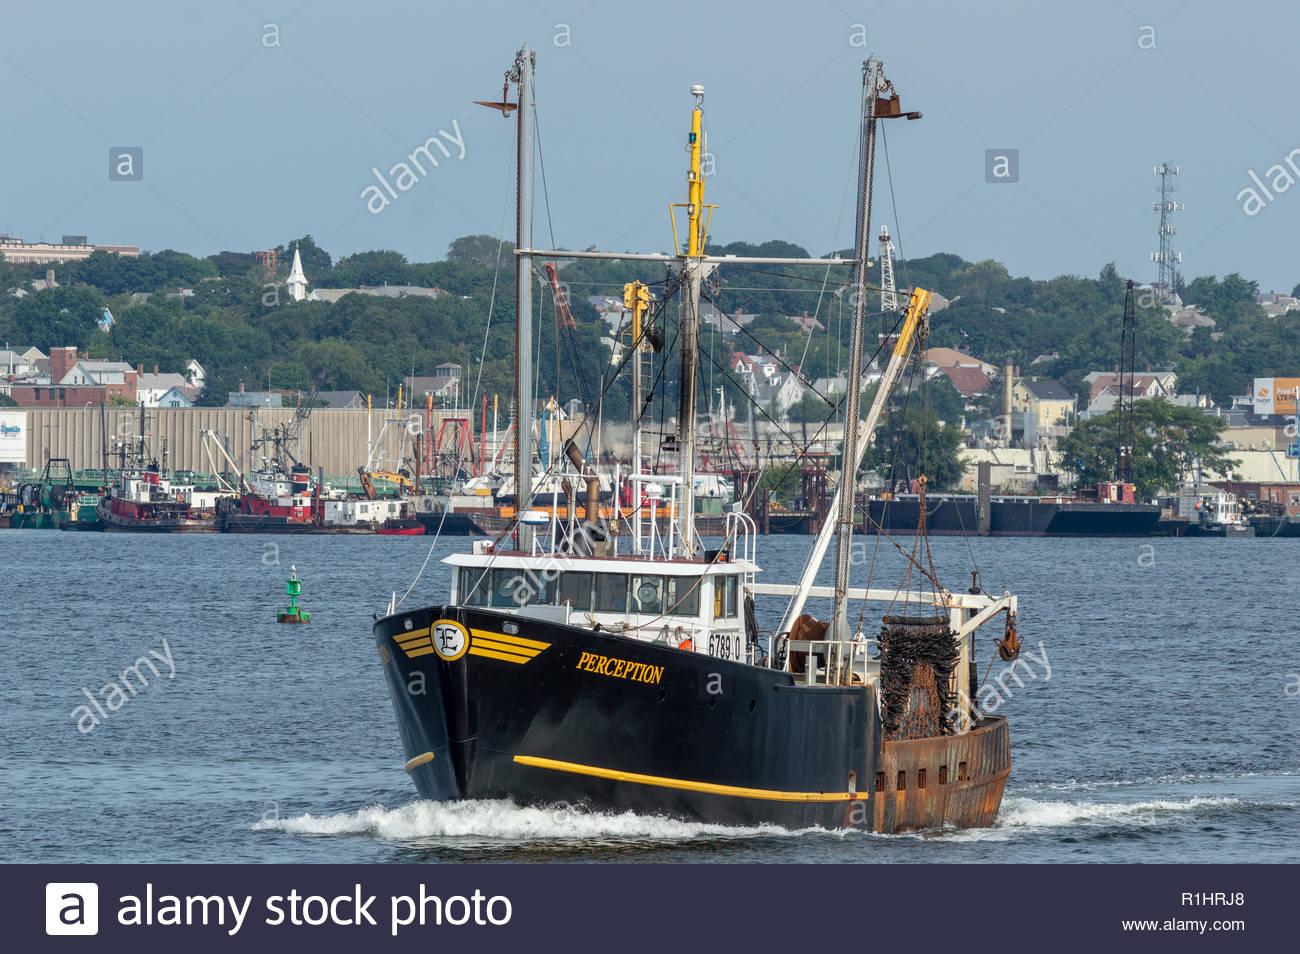 New Bedford, Massachusetts, USA - August 25, 2018: Commercial fishing vessel Perception crossing New Bedford inner harbor - Stock Image